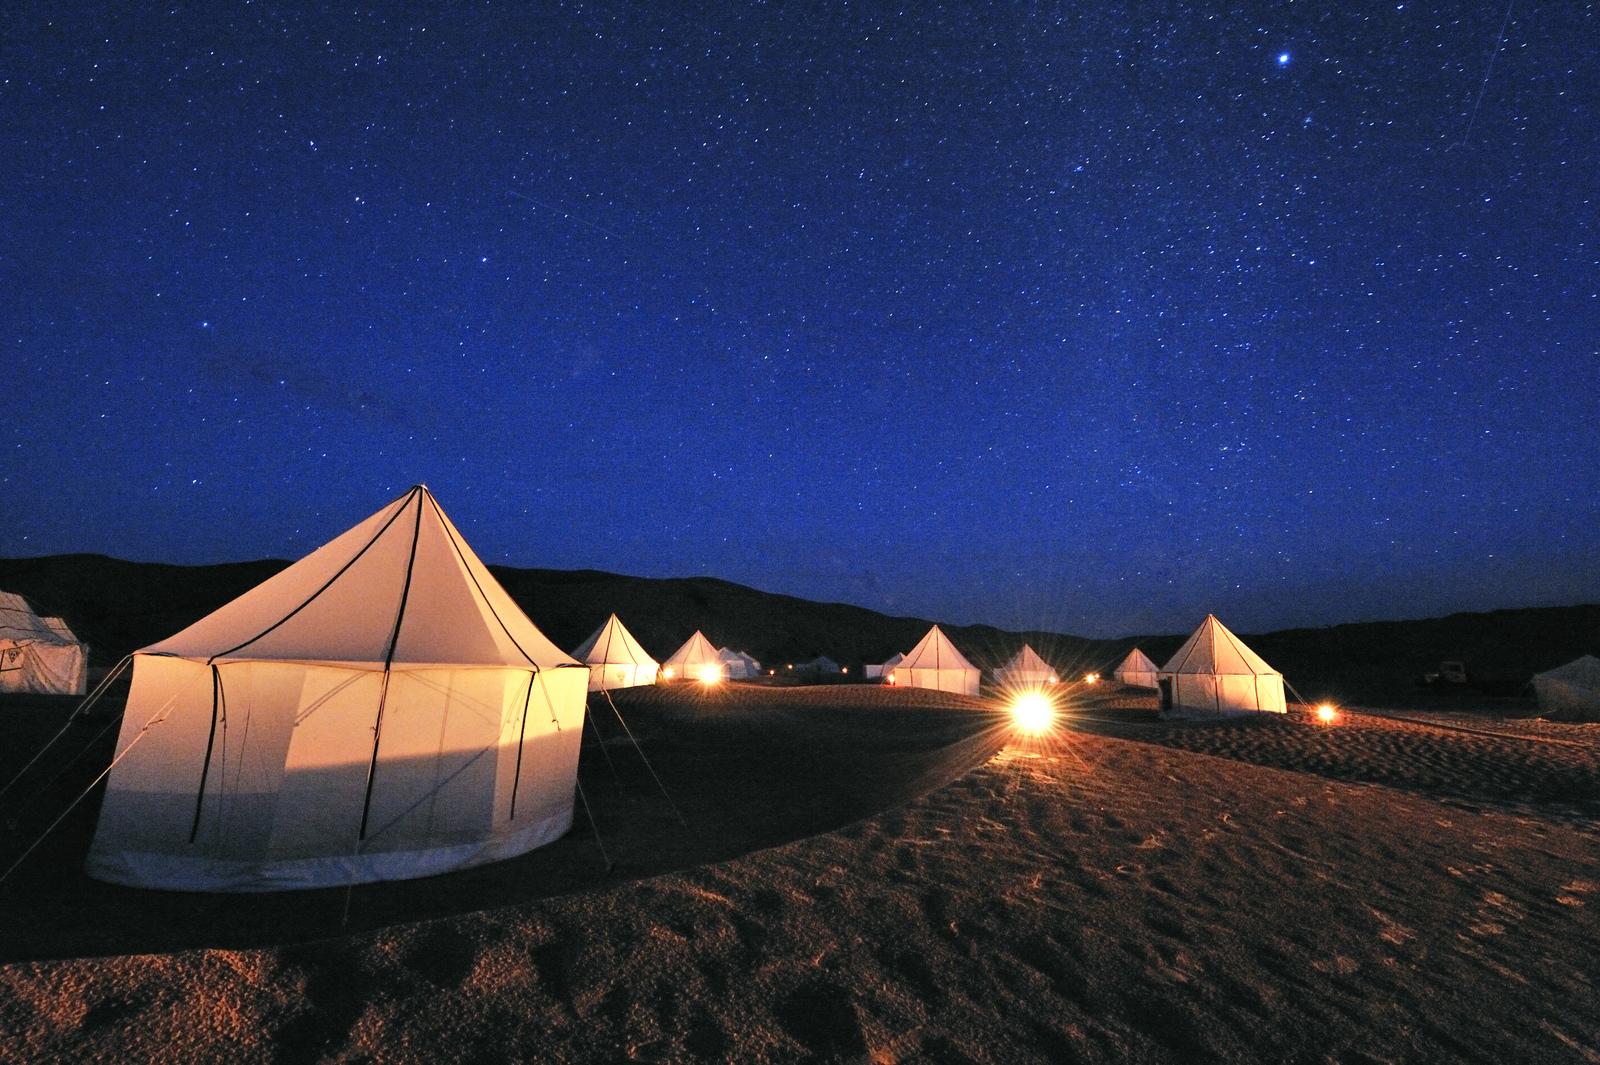 キャンプマルスの夜